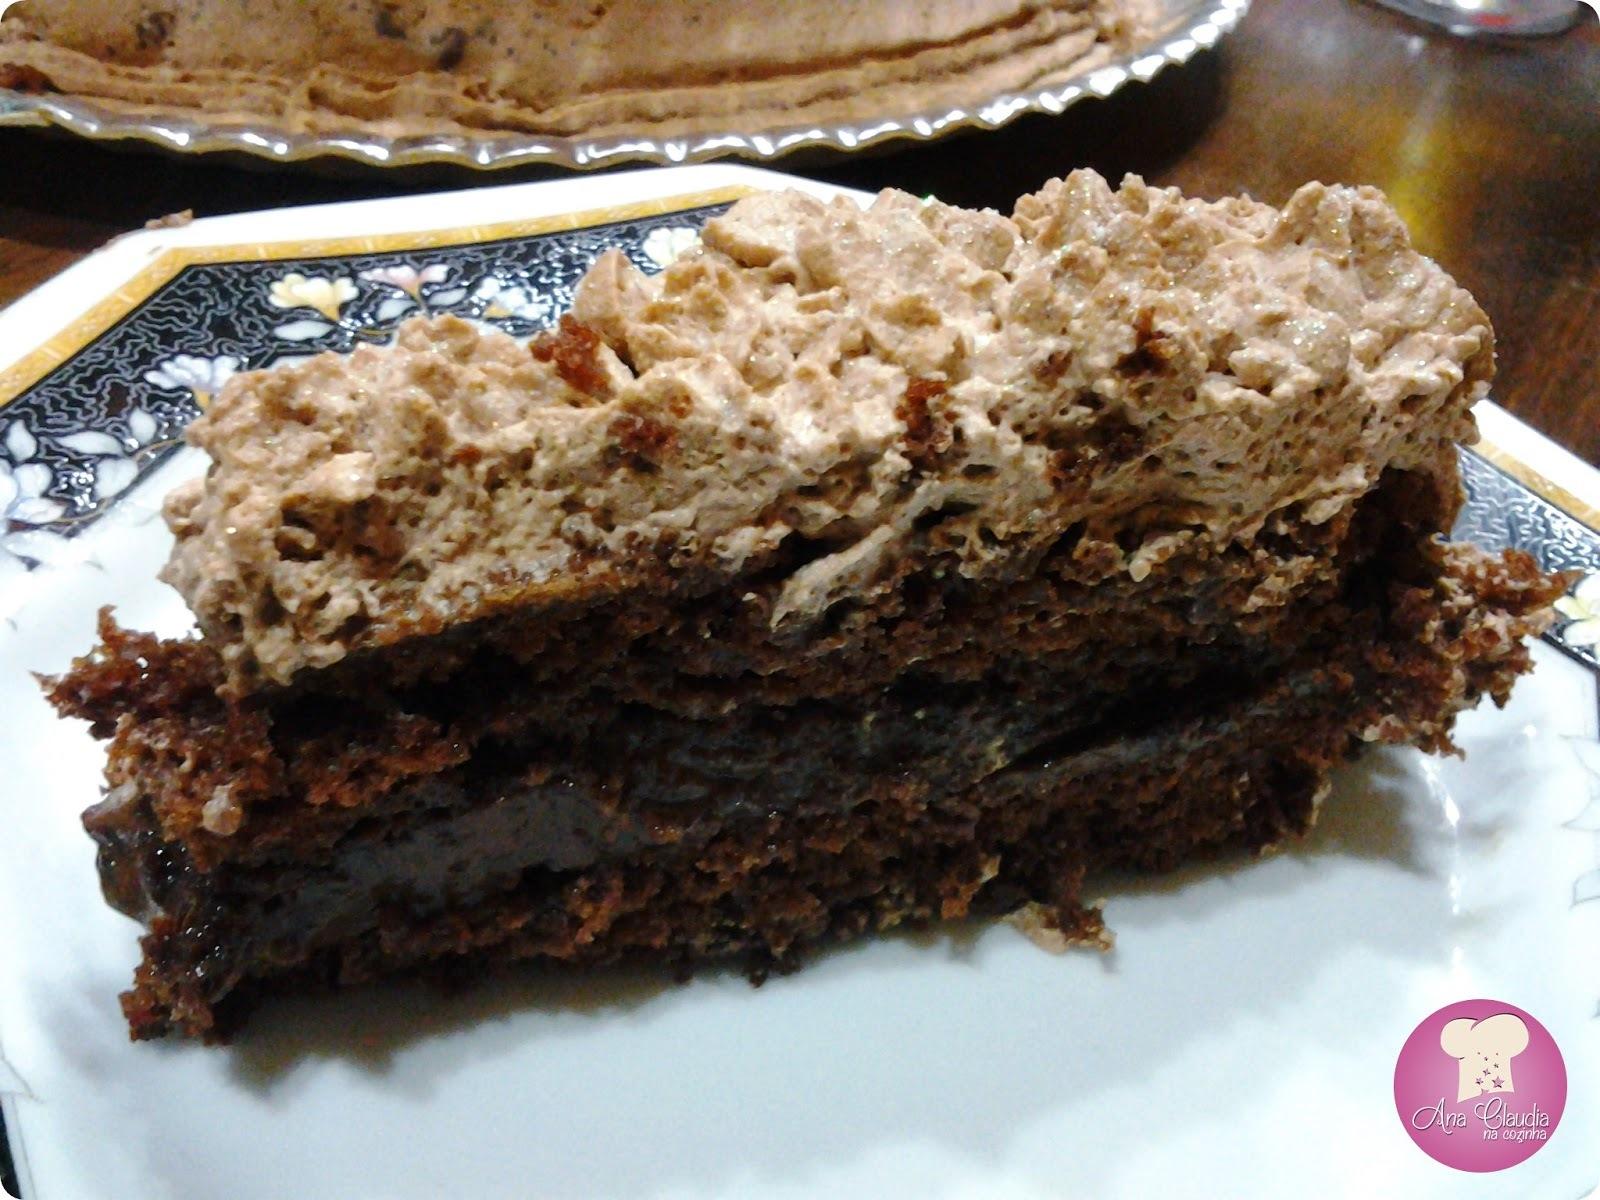 bolo de chocolate com cobertura de achocolatado lí